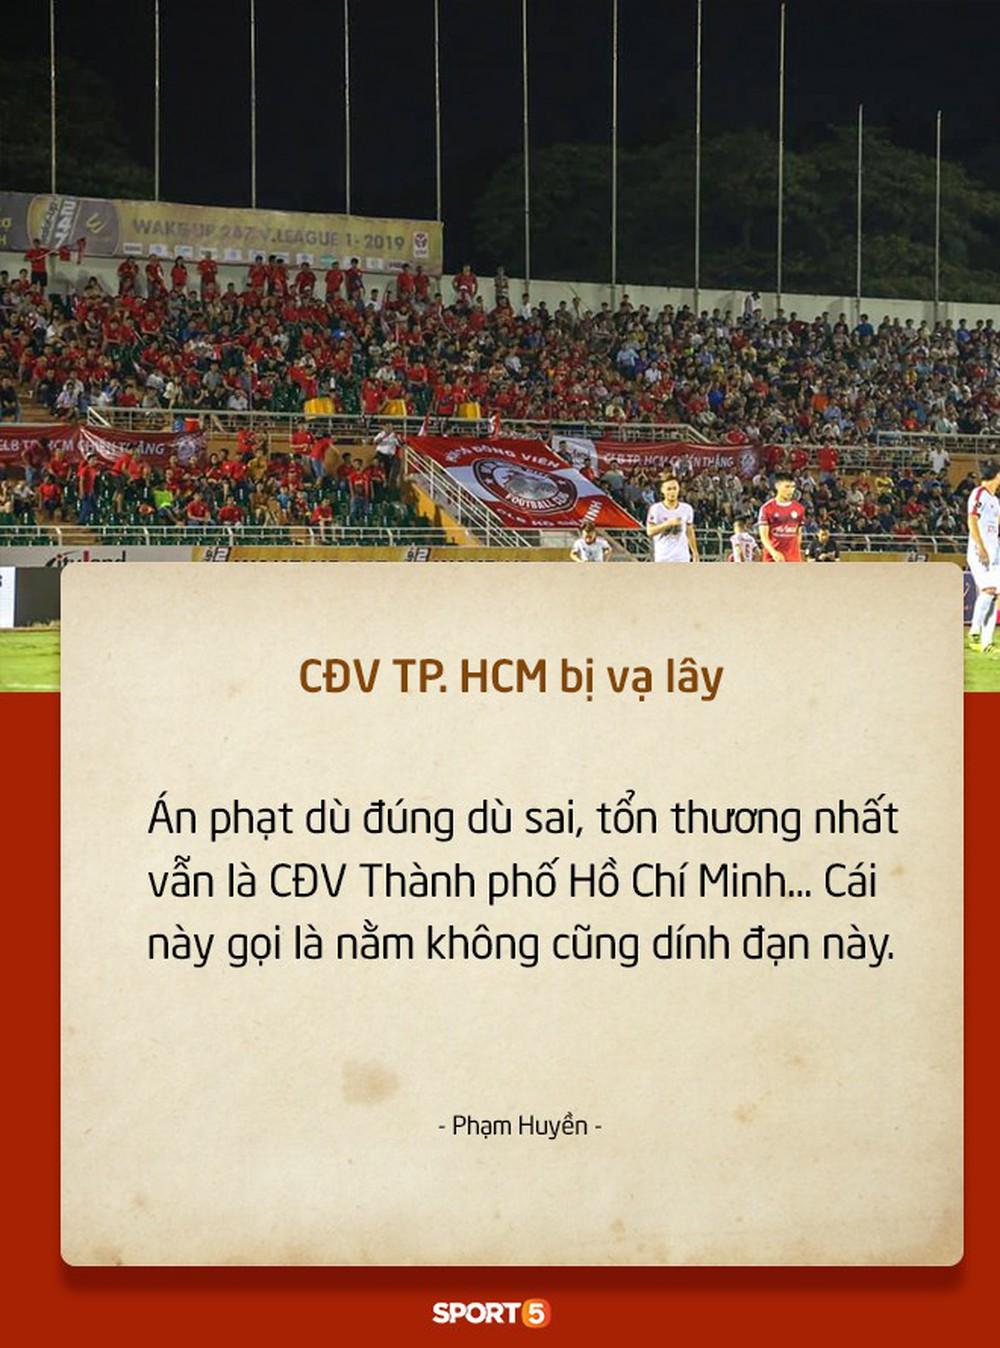 Fan Việt tranh cãi nảy lửa chuyện sân Hàng Đẫy bị treo vì CĐV Hải Phòng đốt pháo sáng - Ảnh 7.